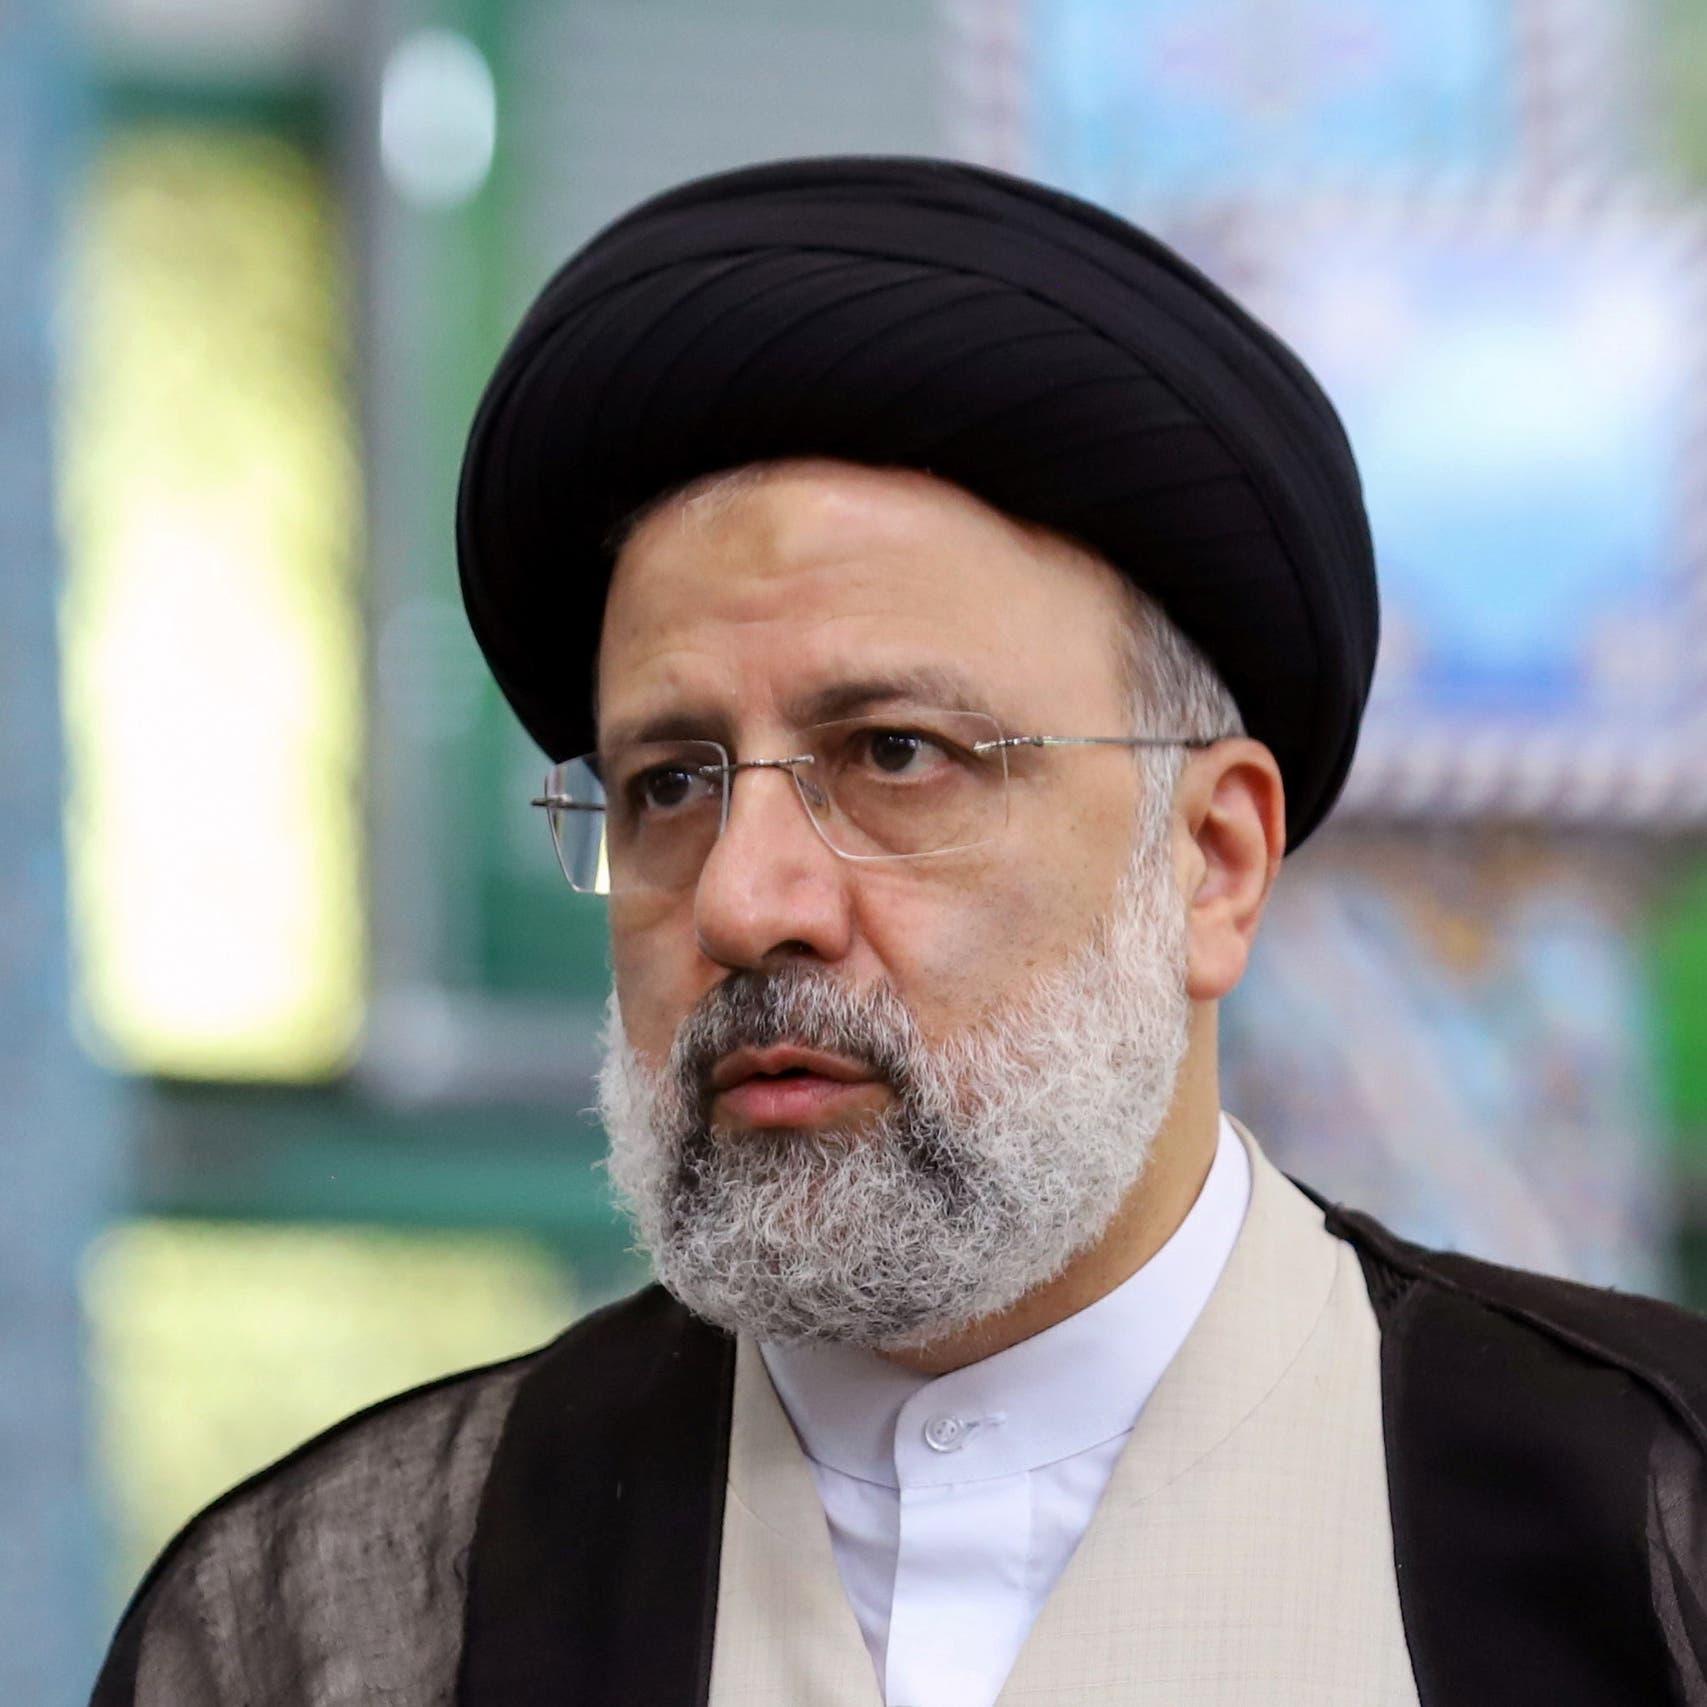 رئيسي: وضع كورونا بإيران غير مقبول ويجب اتخاذ إجراءات فورية